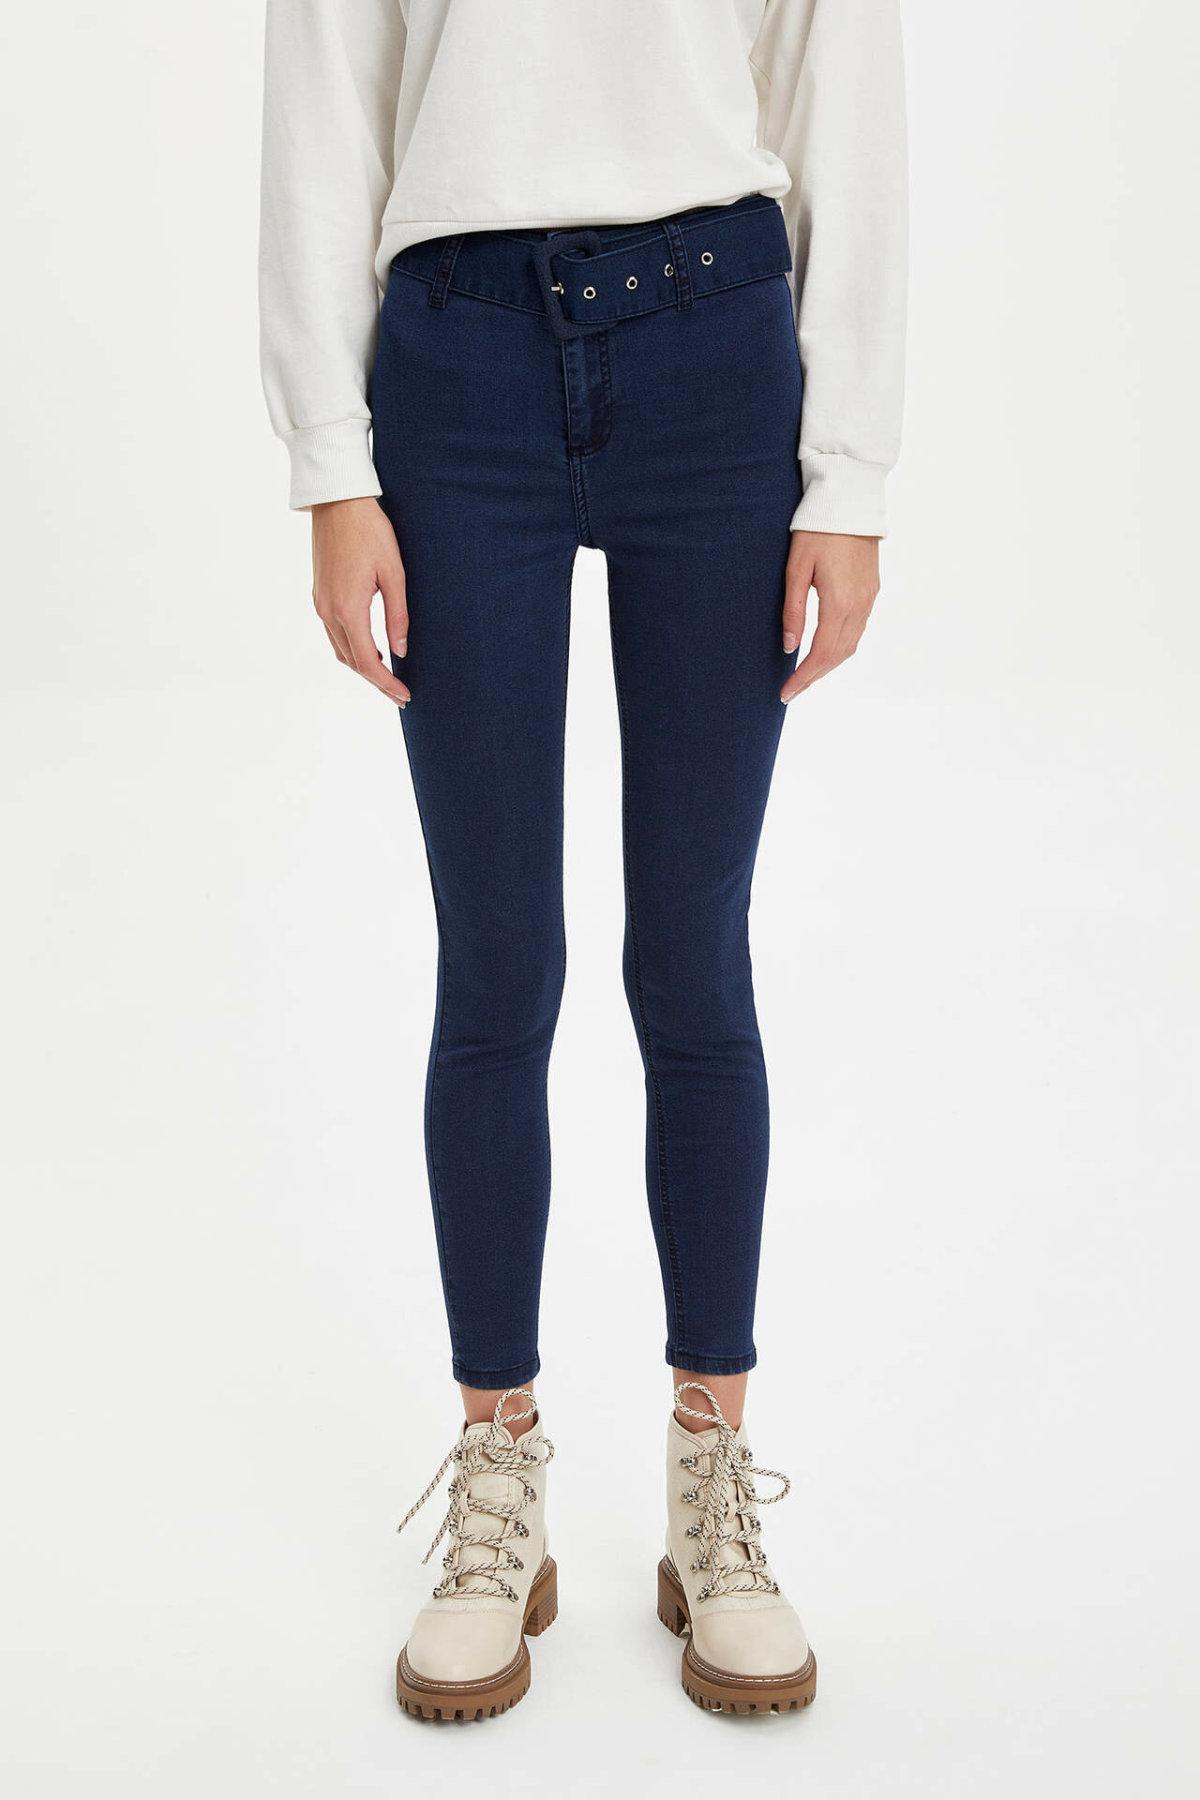 DeFacto Fashion Women High Waist Blue Solid Jean Trousers Casual Elastic Slim Denim Female Crop Pencil Pants Ladies-L7220AZ19AU